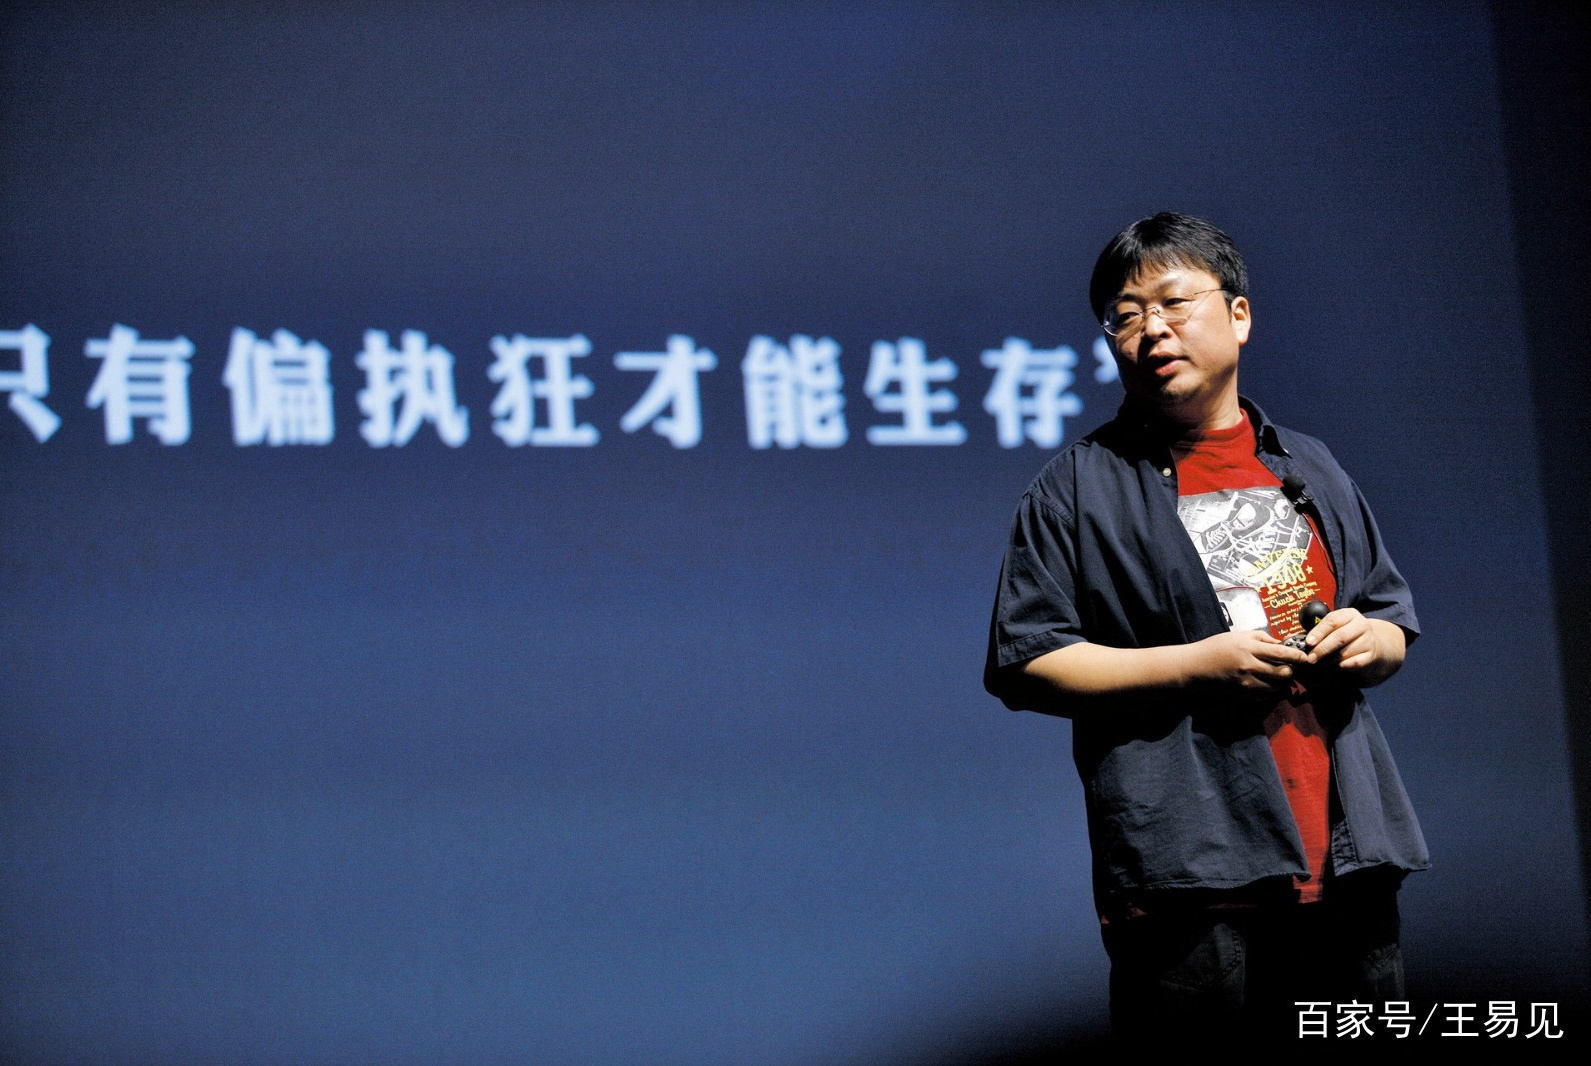 一周热评:罗永浩、美团、拼多多、企鹅号、苹果、埃航空难